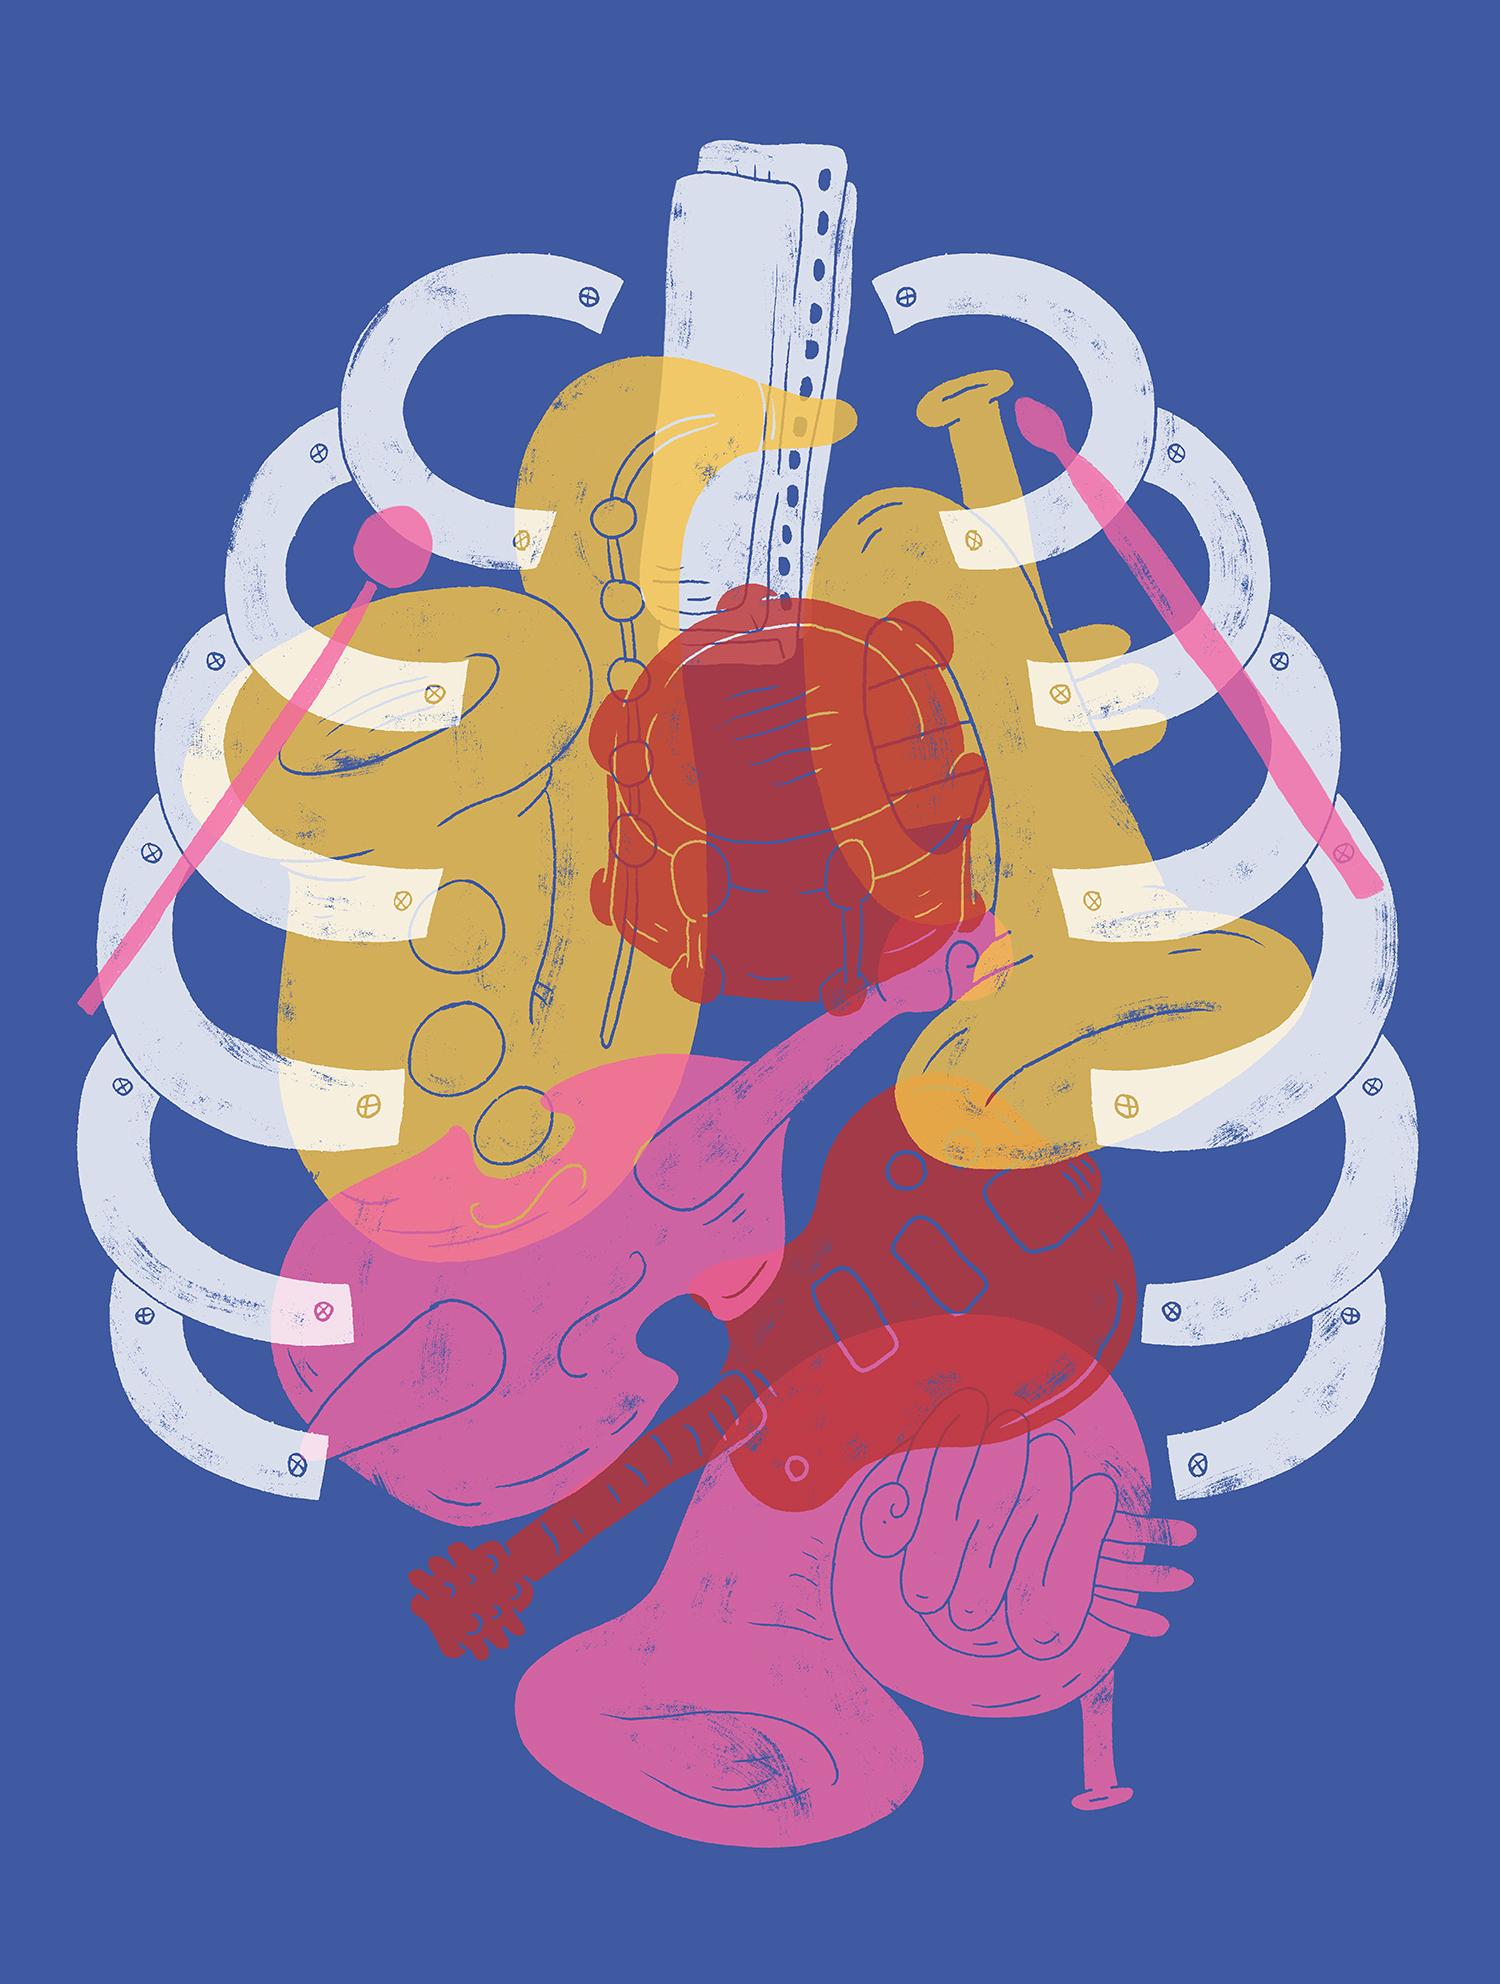 NOLA Musicians Clinic Shirt Design